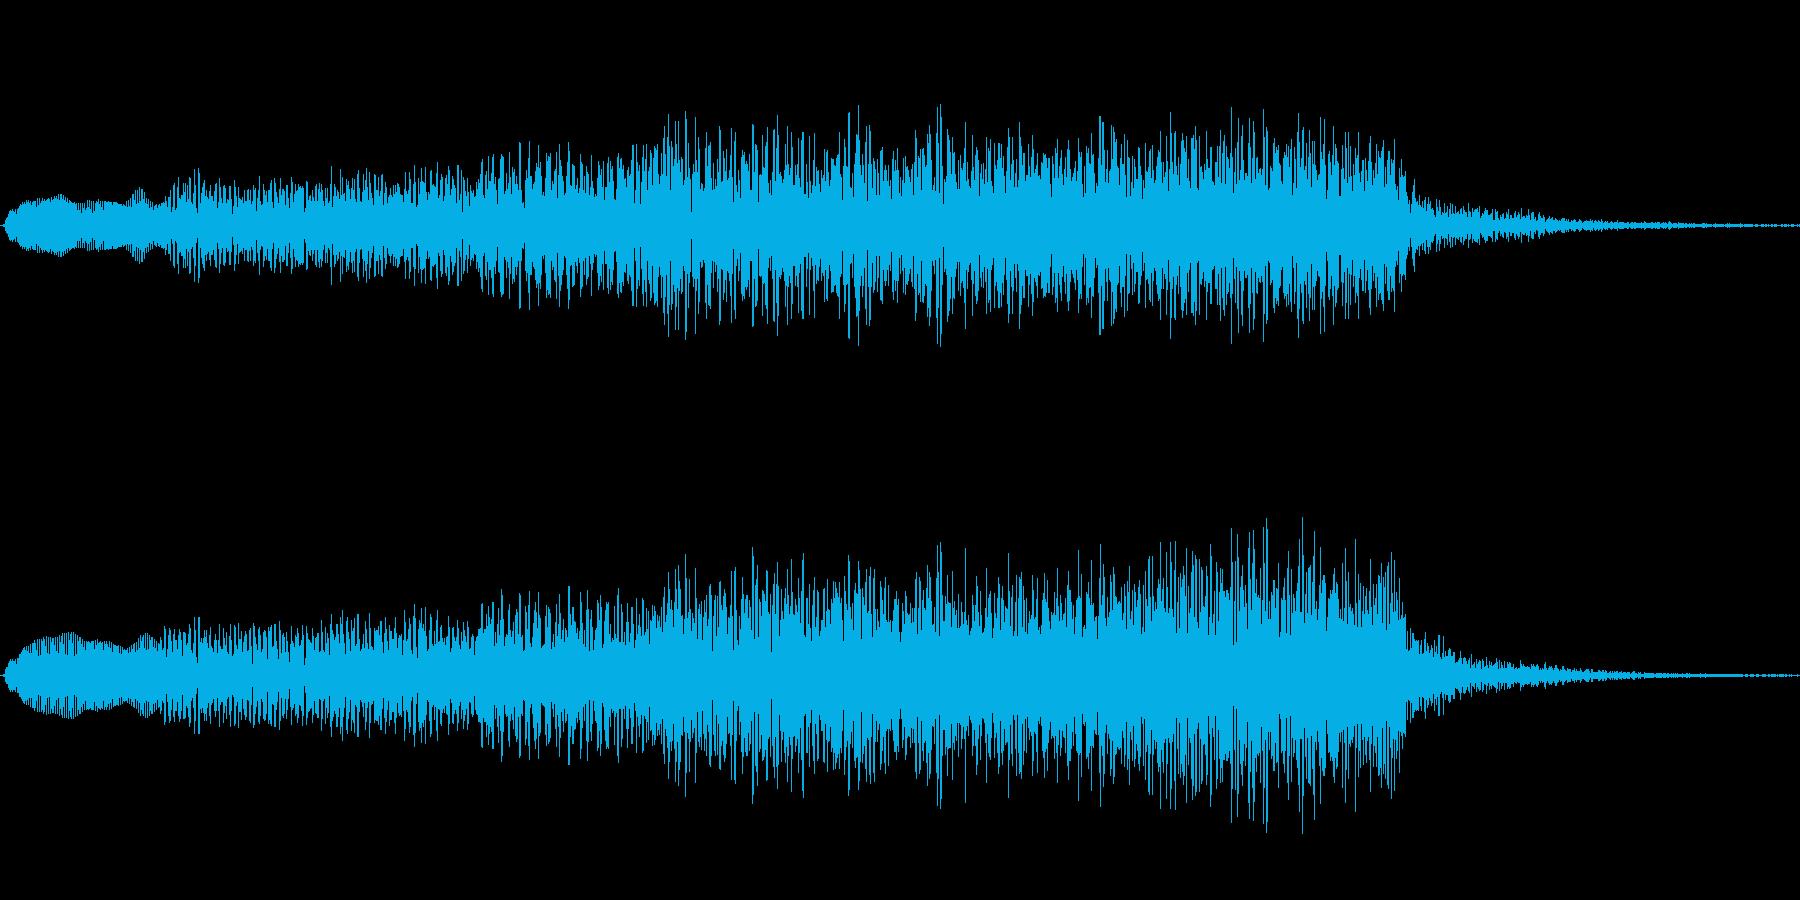 ジングル101mの再生済みの波形